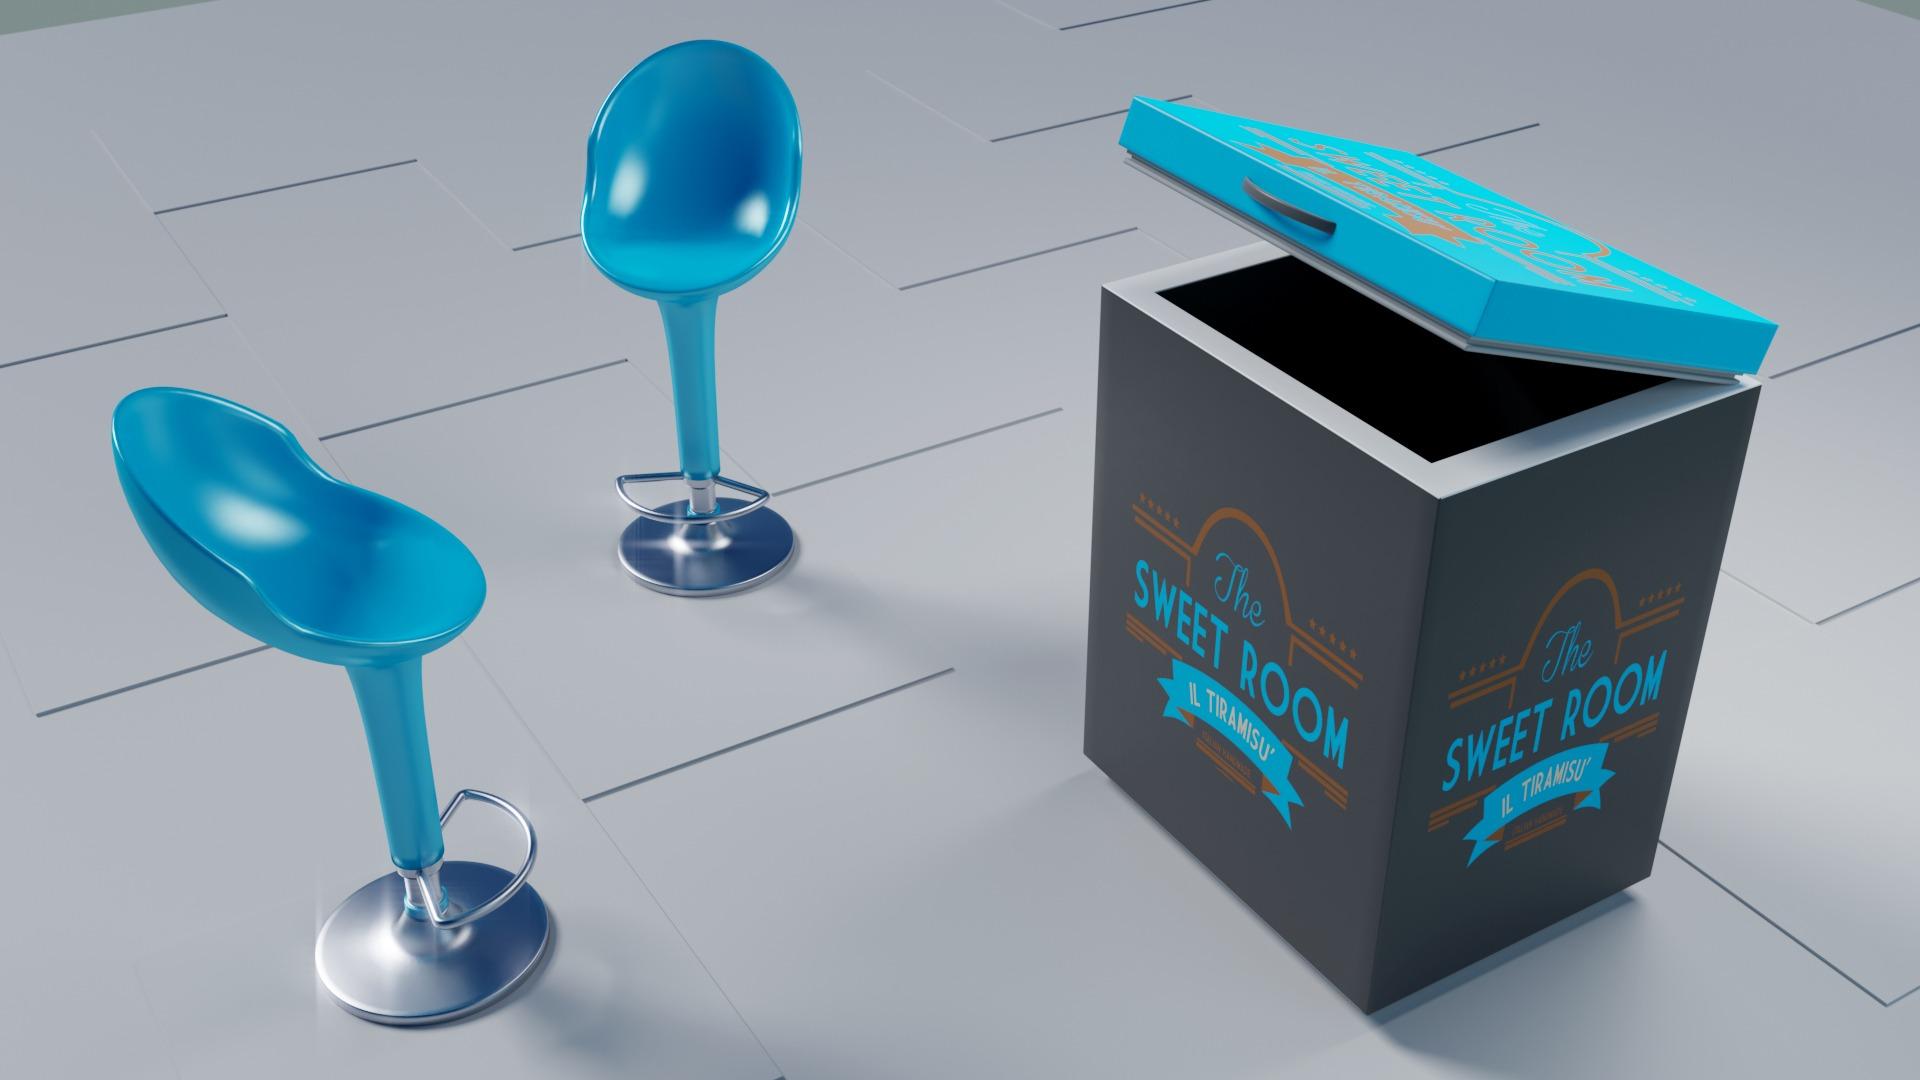 concept-frigo-sweetroom